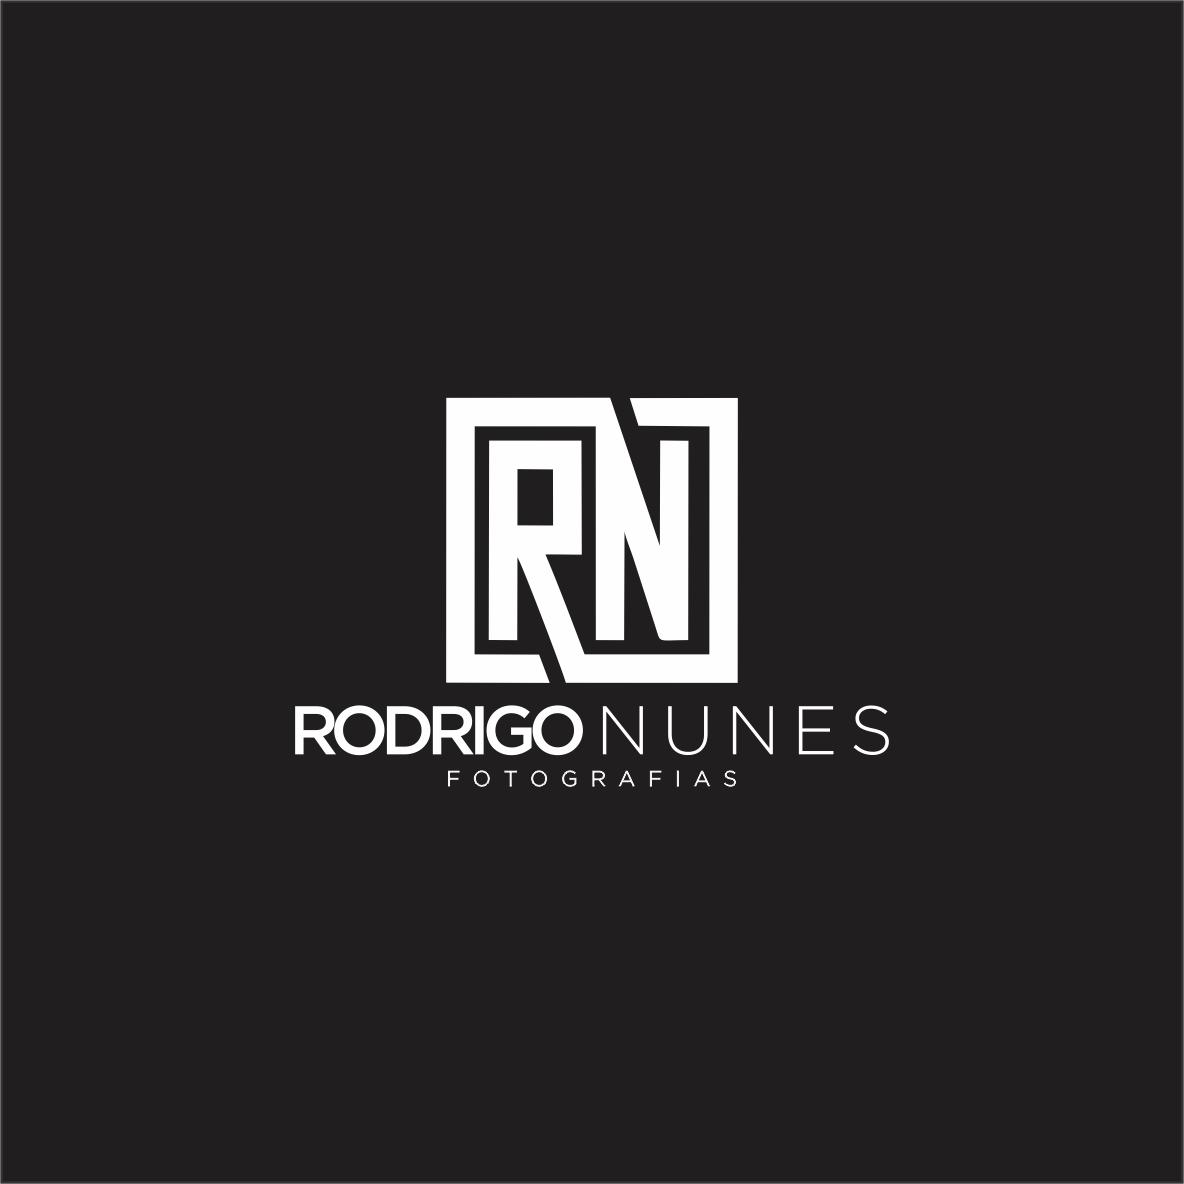 Contate Rodrigo Nunes Fotografias